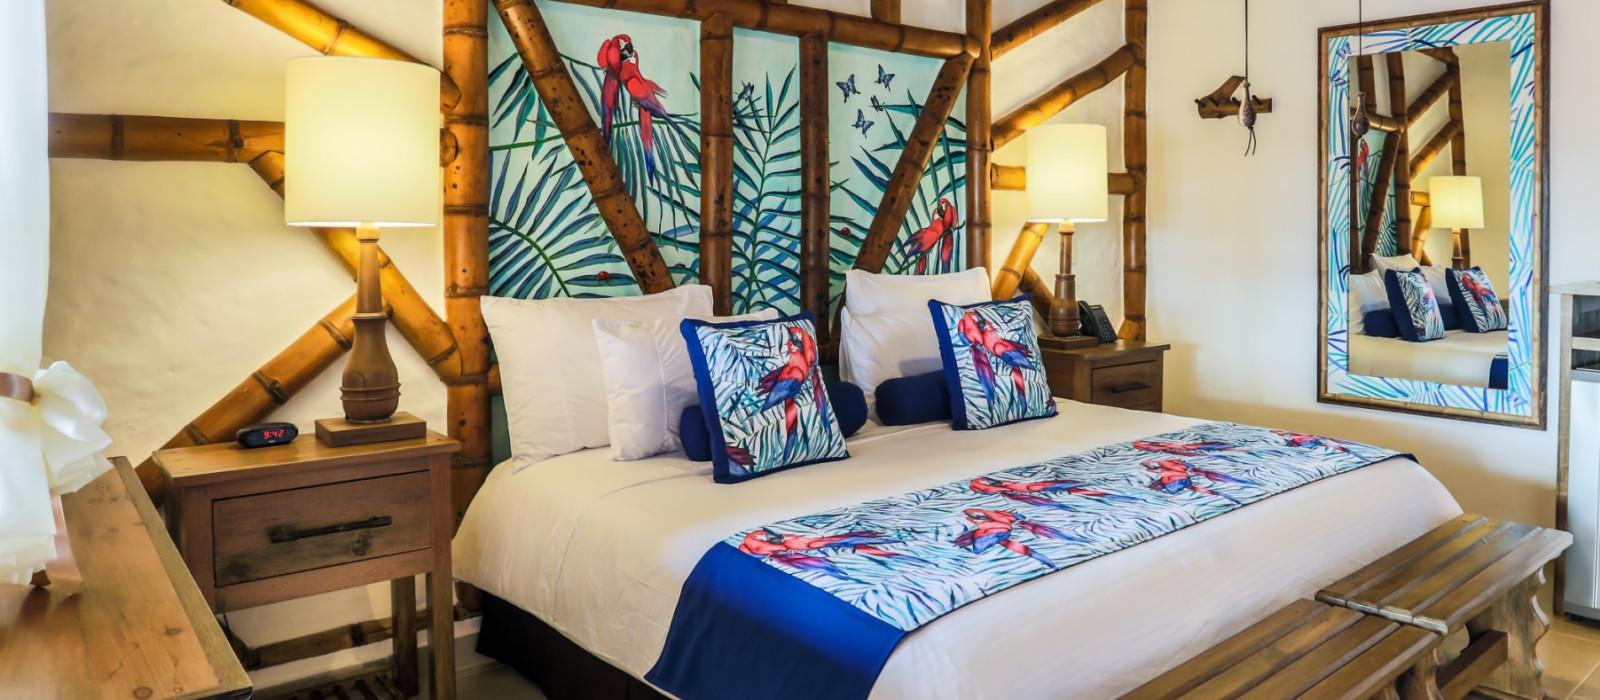 Hotel Casa San Carlos Lodge Colombia